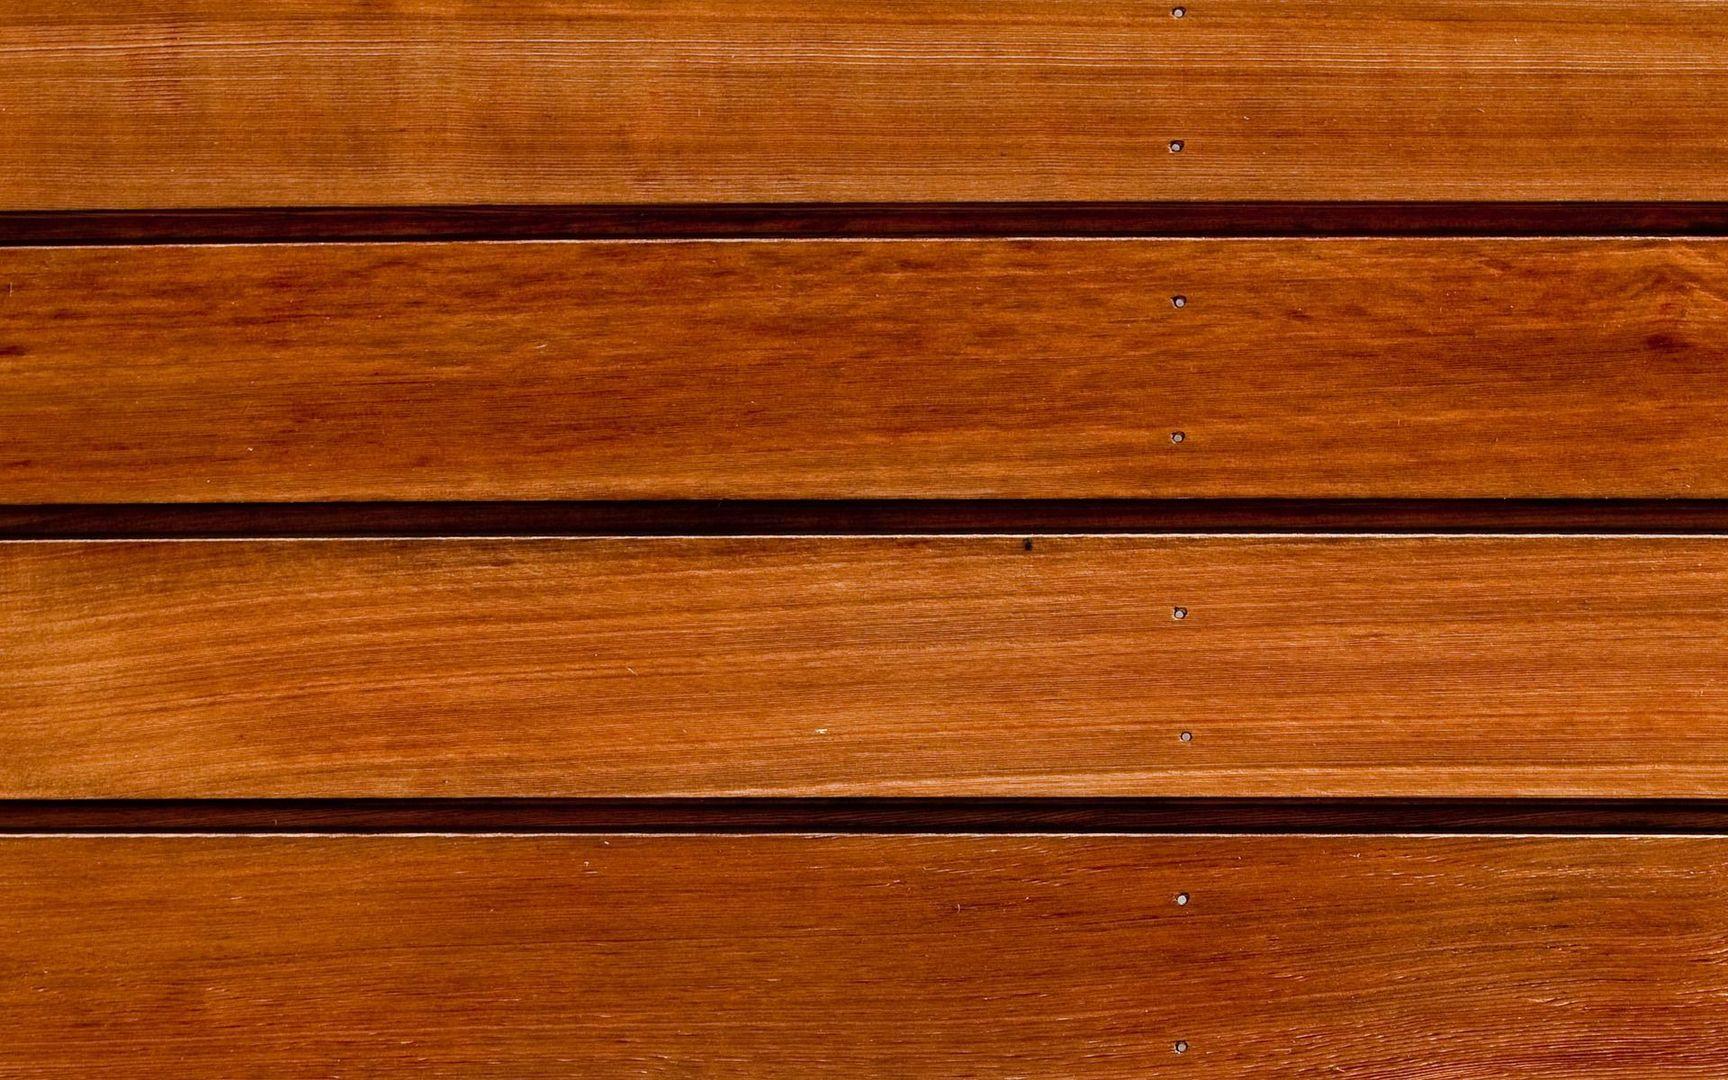 Download Wood floor wallpaper 1728x1080